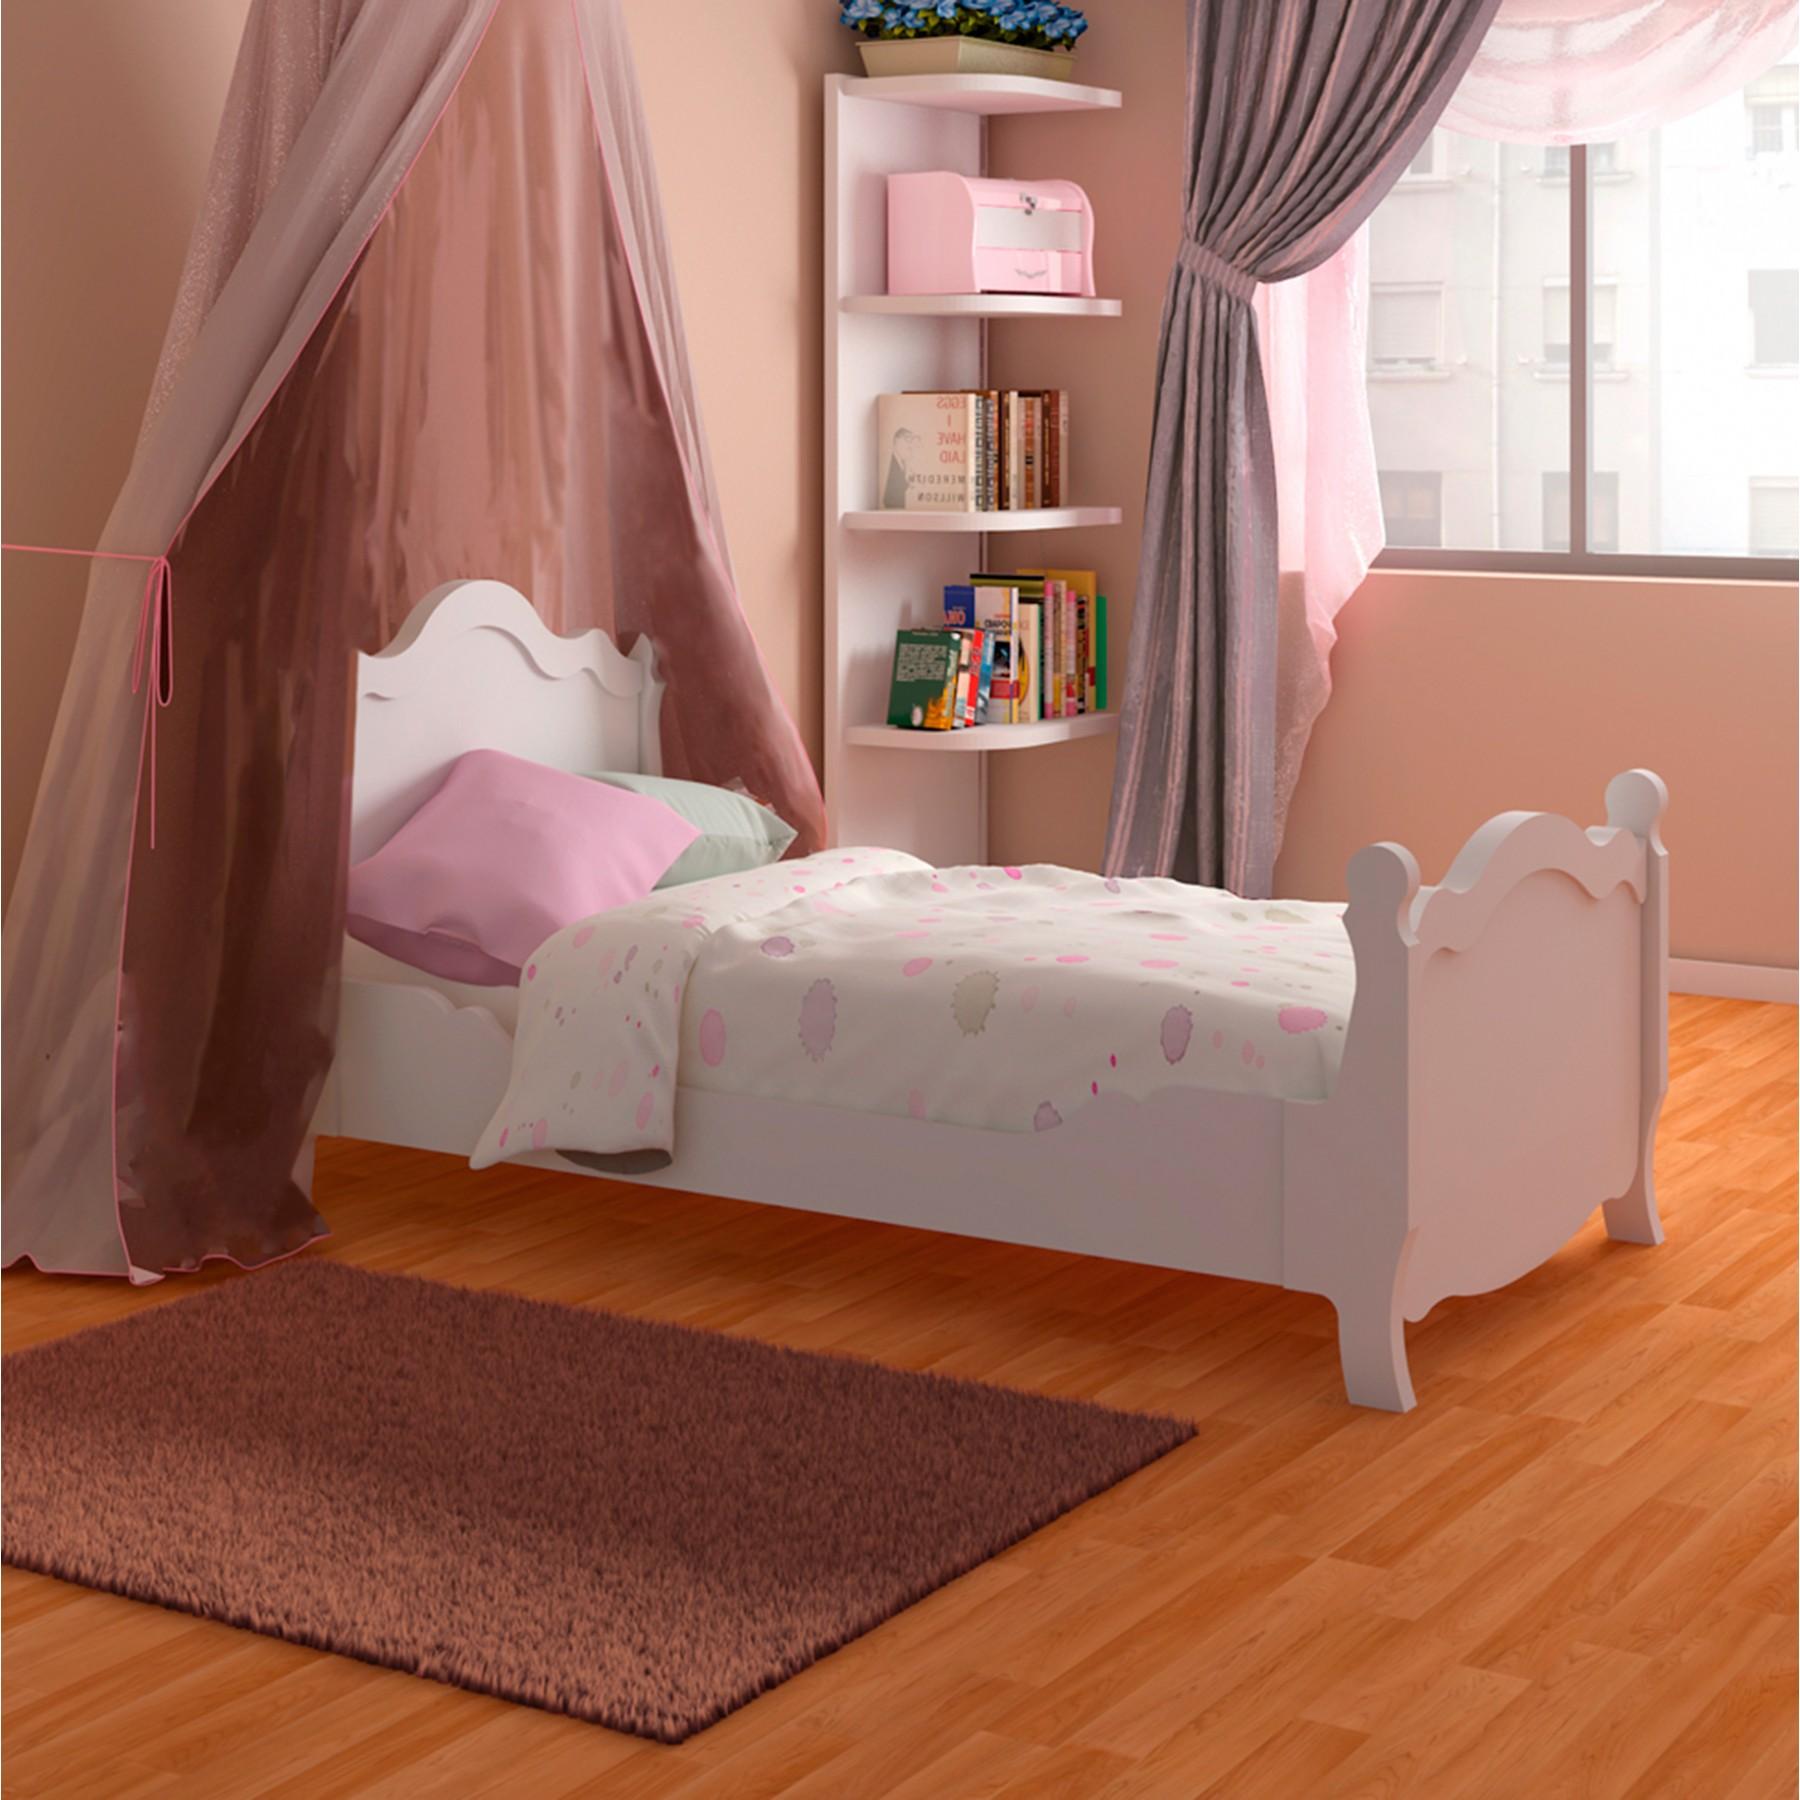 Dormitorios archivos blog dekogar - Camas dormitorio juvenil ...